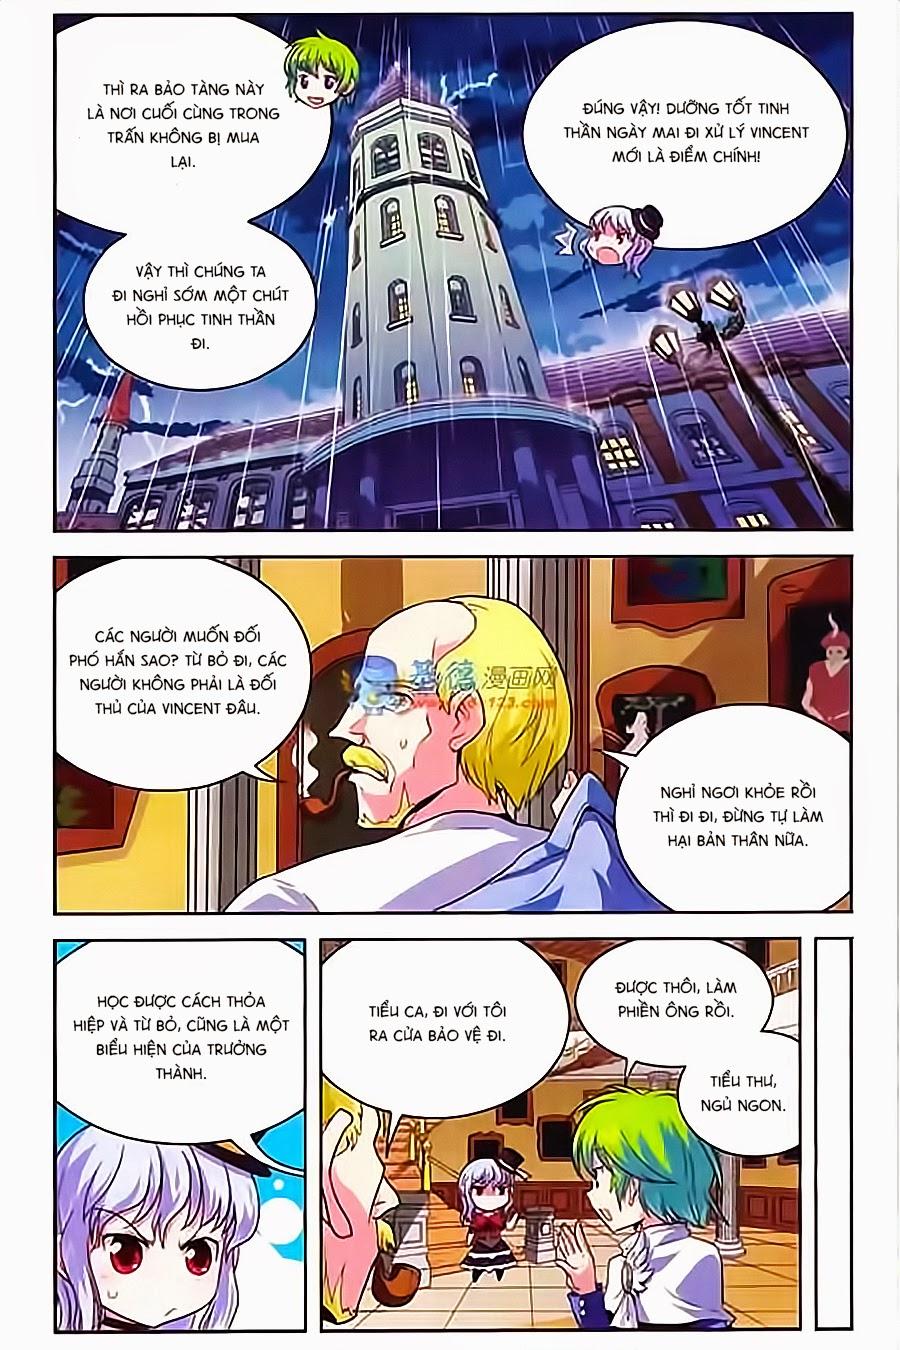 Ma Tạp Tiên Tông chap 10 - Trang 11